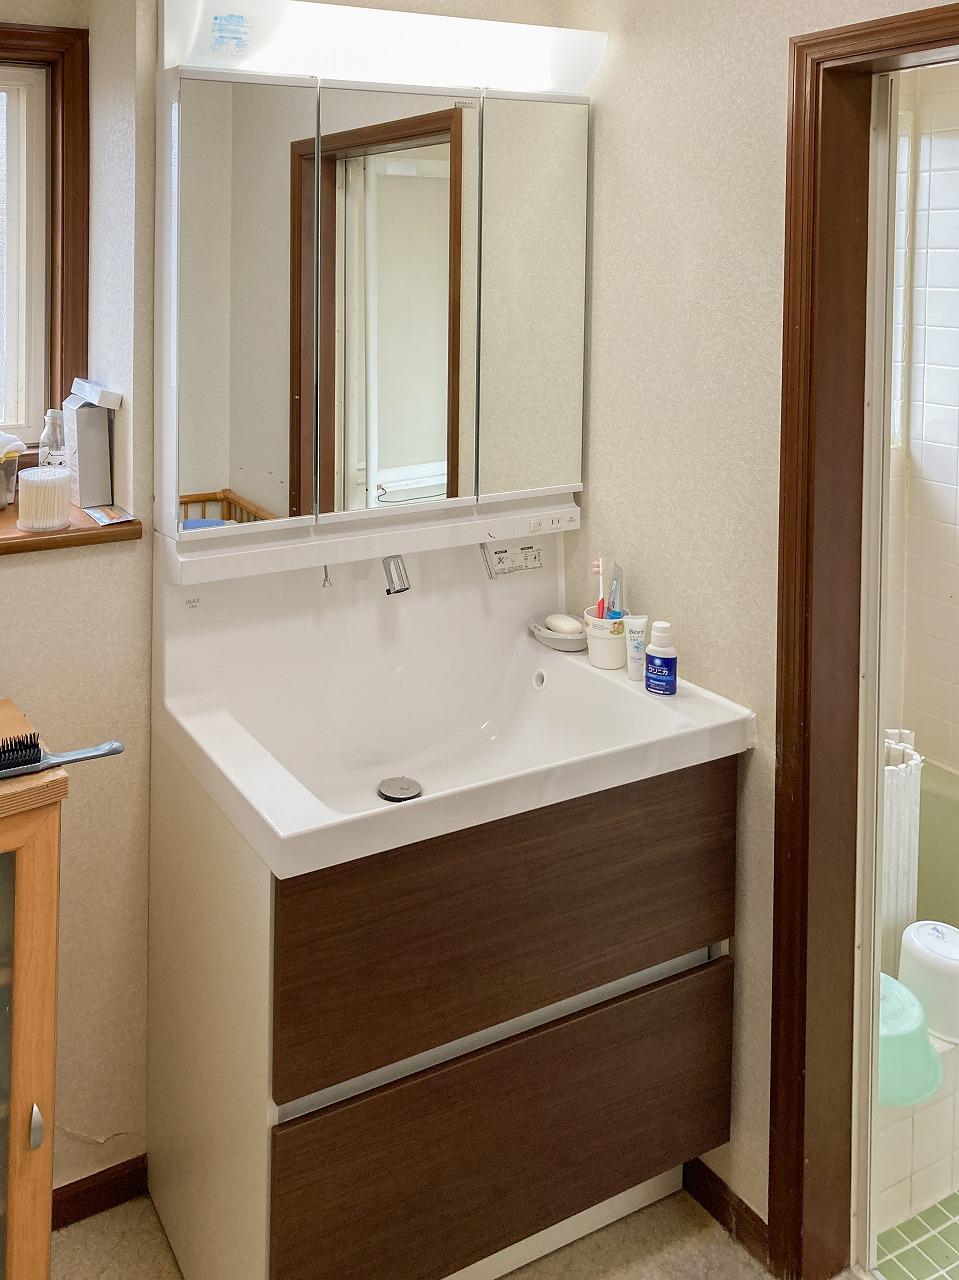 LIXIL MVフルスライド洗面化粧台へ